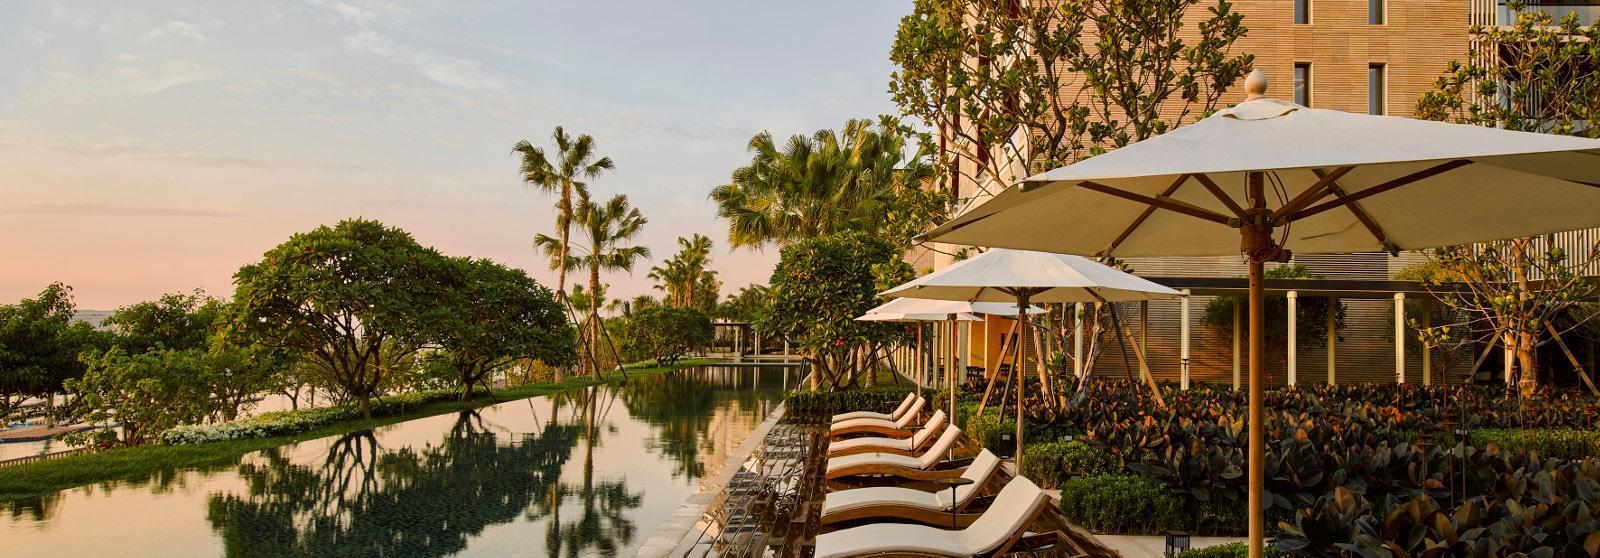 七尚酒店(Lohkah Hotel & Spa)【 廈門,中國】  酒店  www.6545363.live